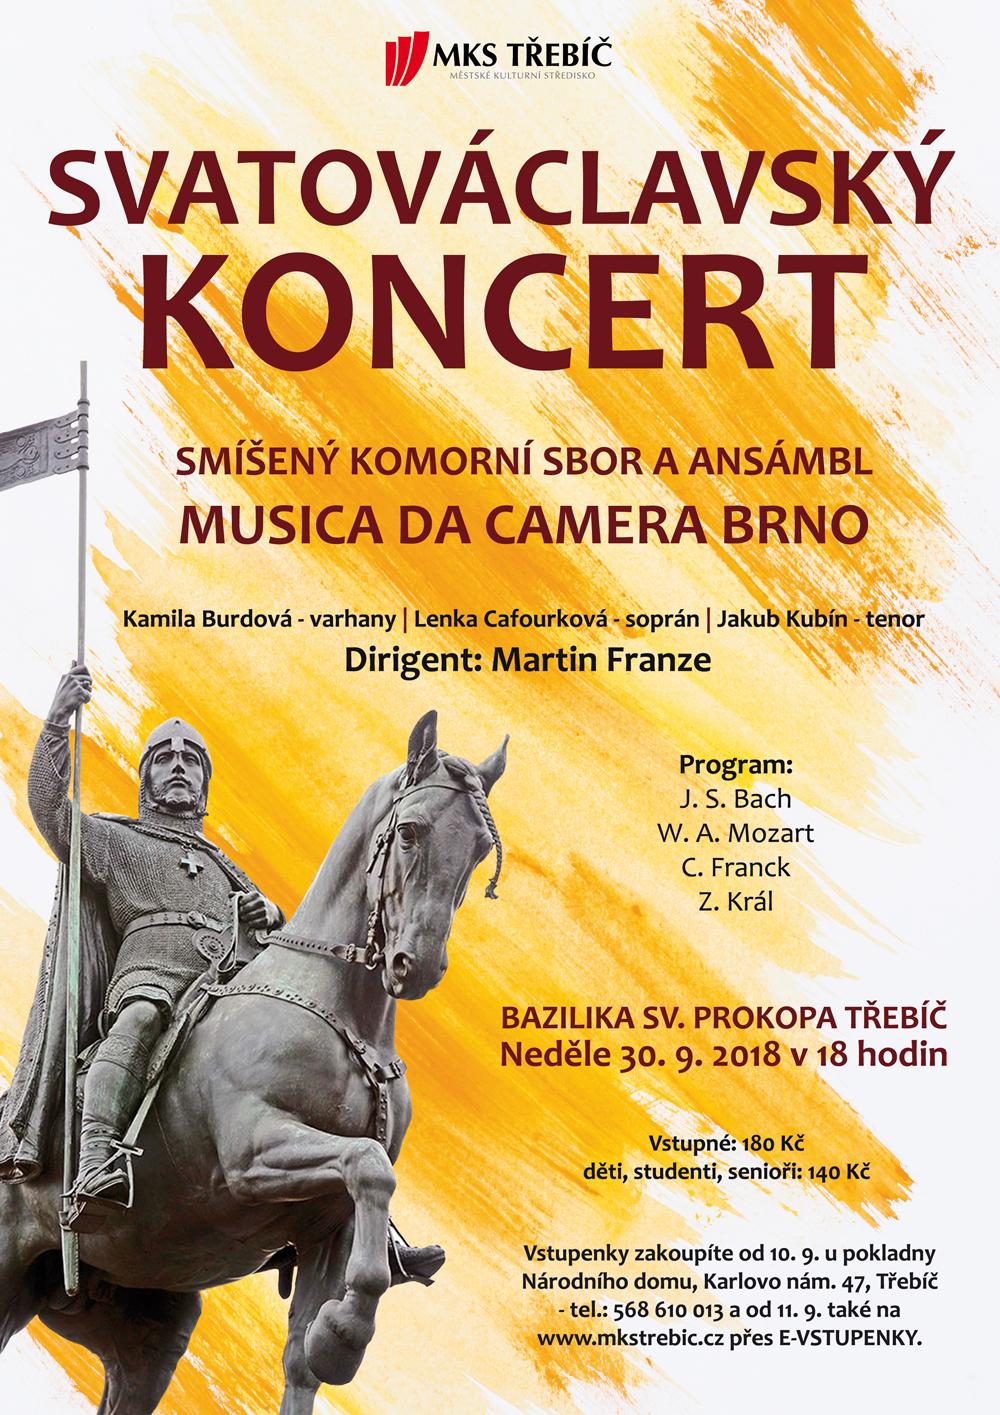 Svatováclavský koncert @ bazilika sv. Prokopa